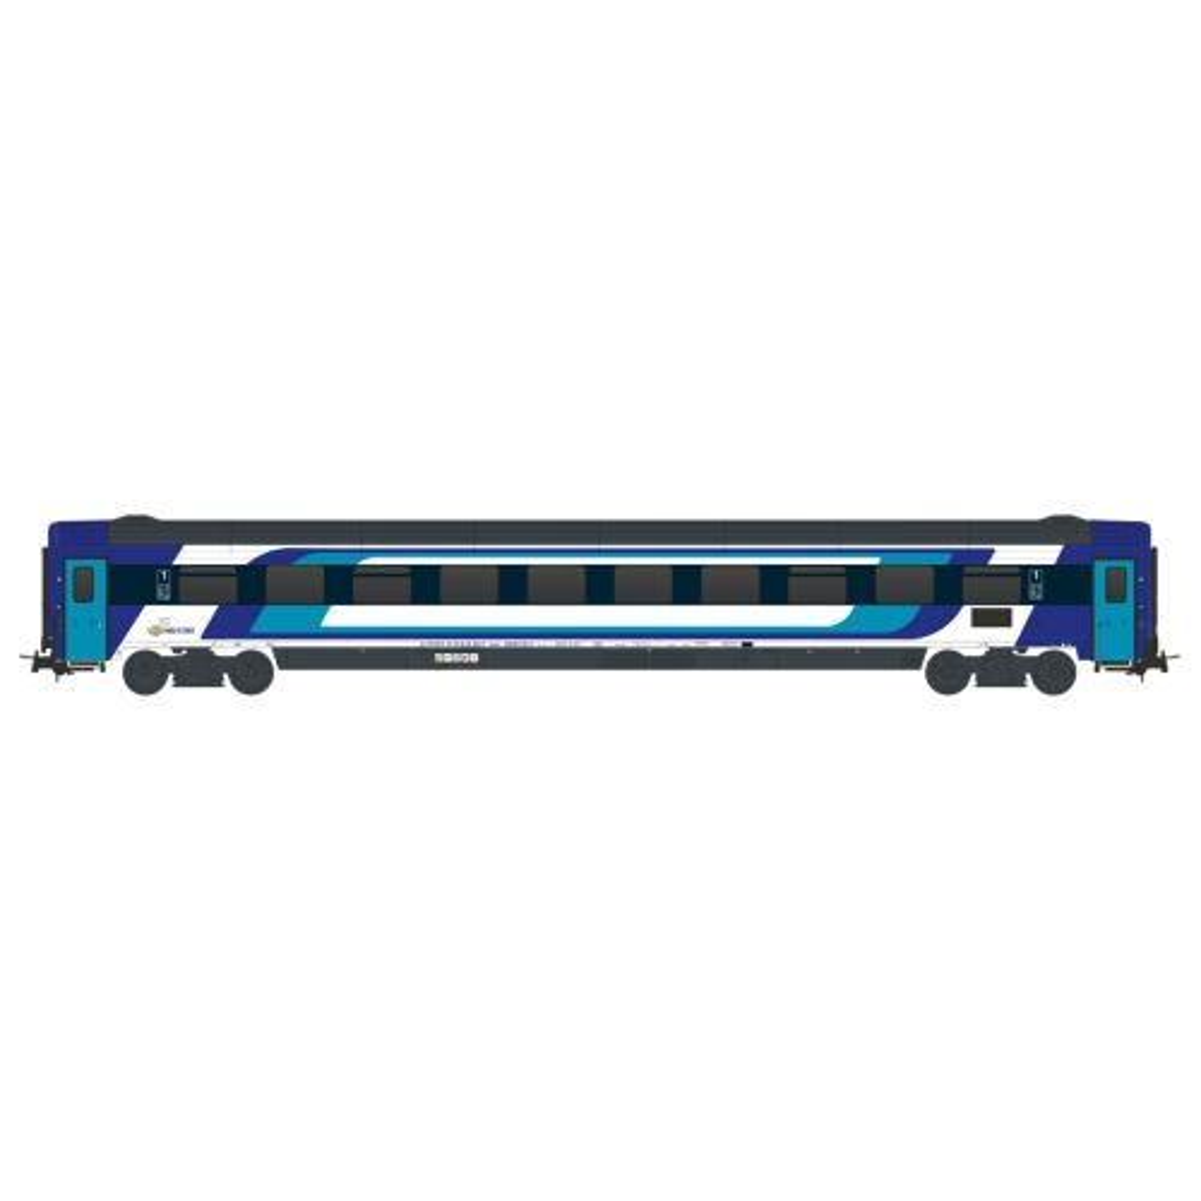 Topline Personvogner, NMJT401.104-MAV-Apmz-61 55 10-91 107-1-1Cl- Passenger coach-new design, NMJT401.104